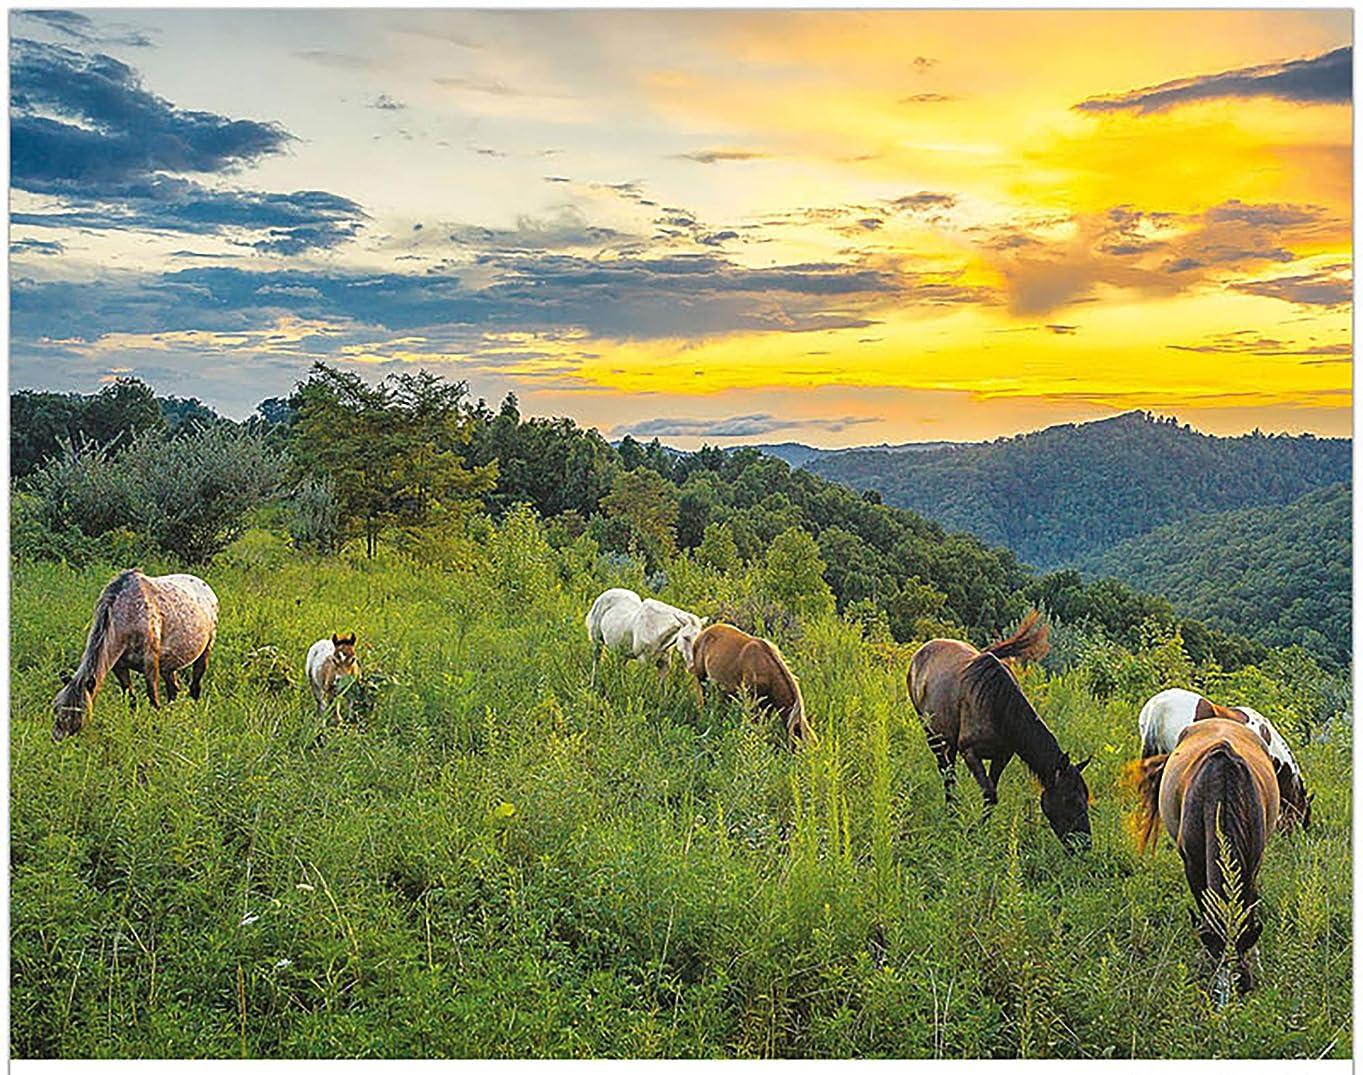 望むクライマックス吐き出すSimply Calendar アメリカ南東部の風景 2020 軽量マンスリーウォールカレンダー – 10.5インチ x 18インチ (オープン)